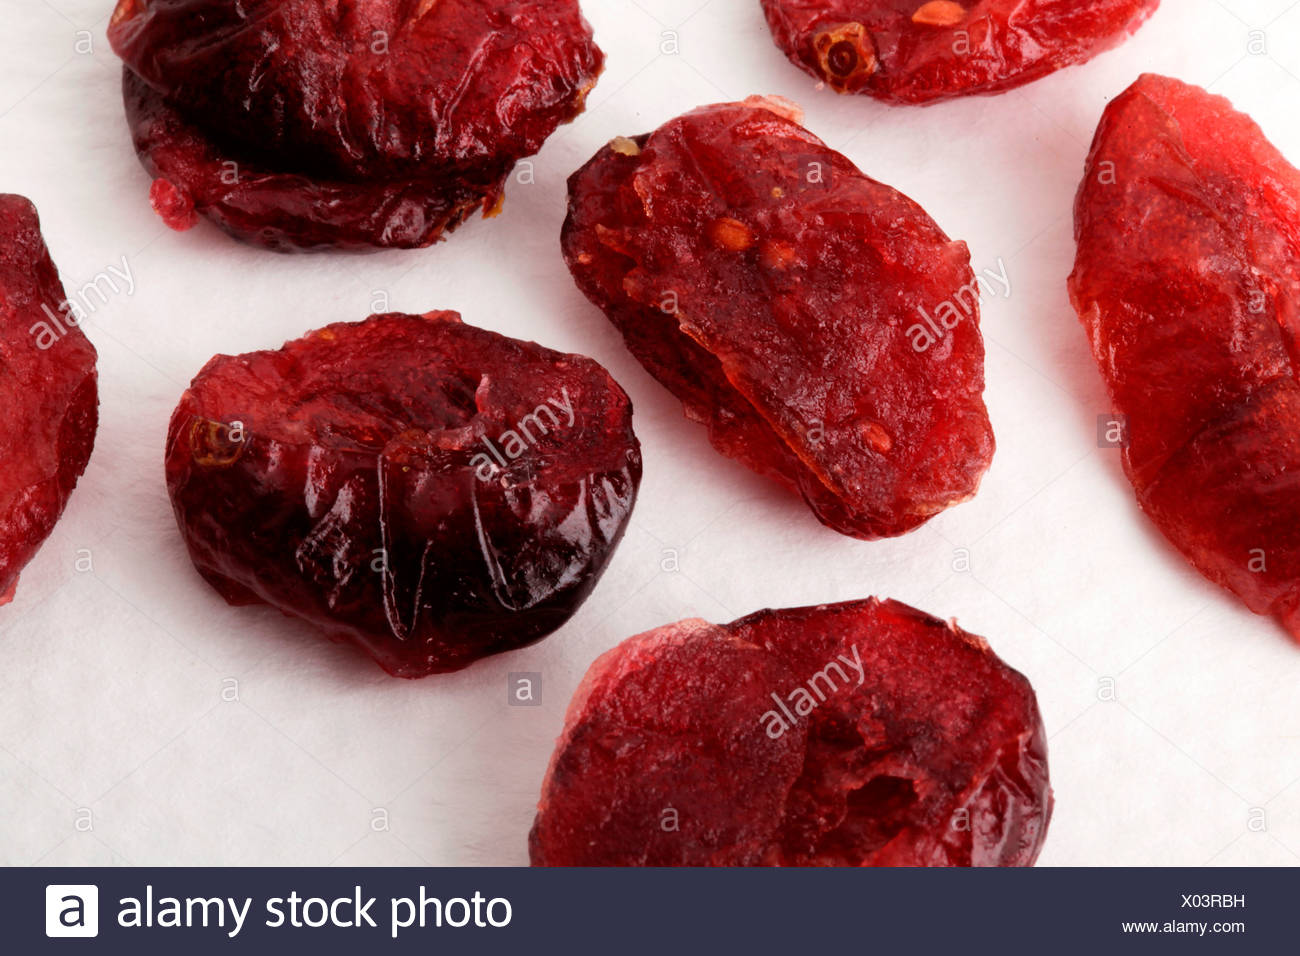 Di mirtilli rossi secchi Immagini Stock